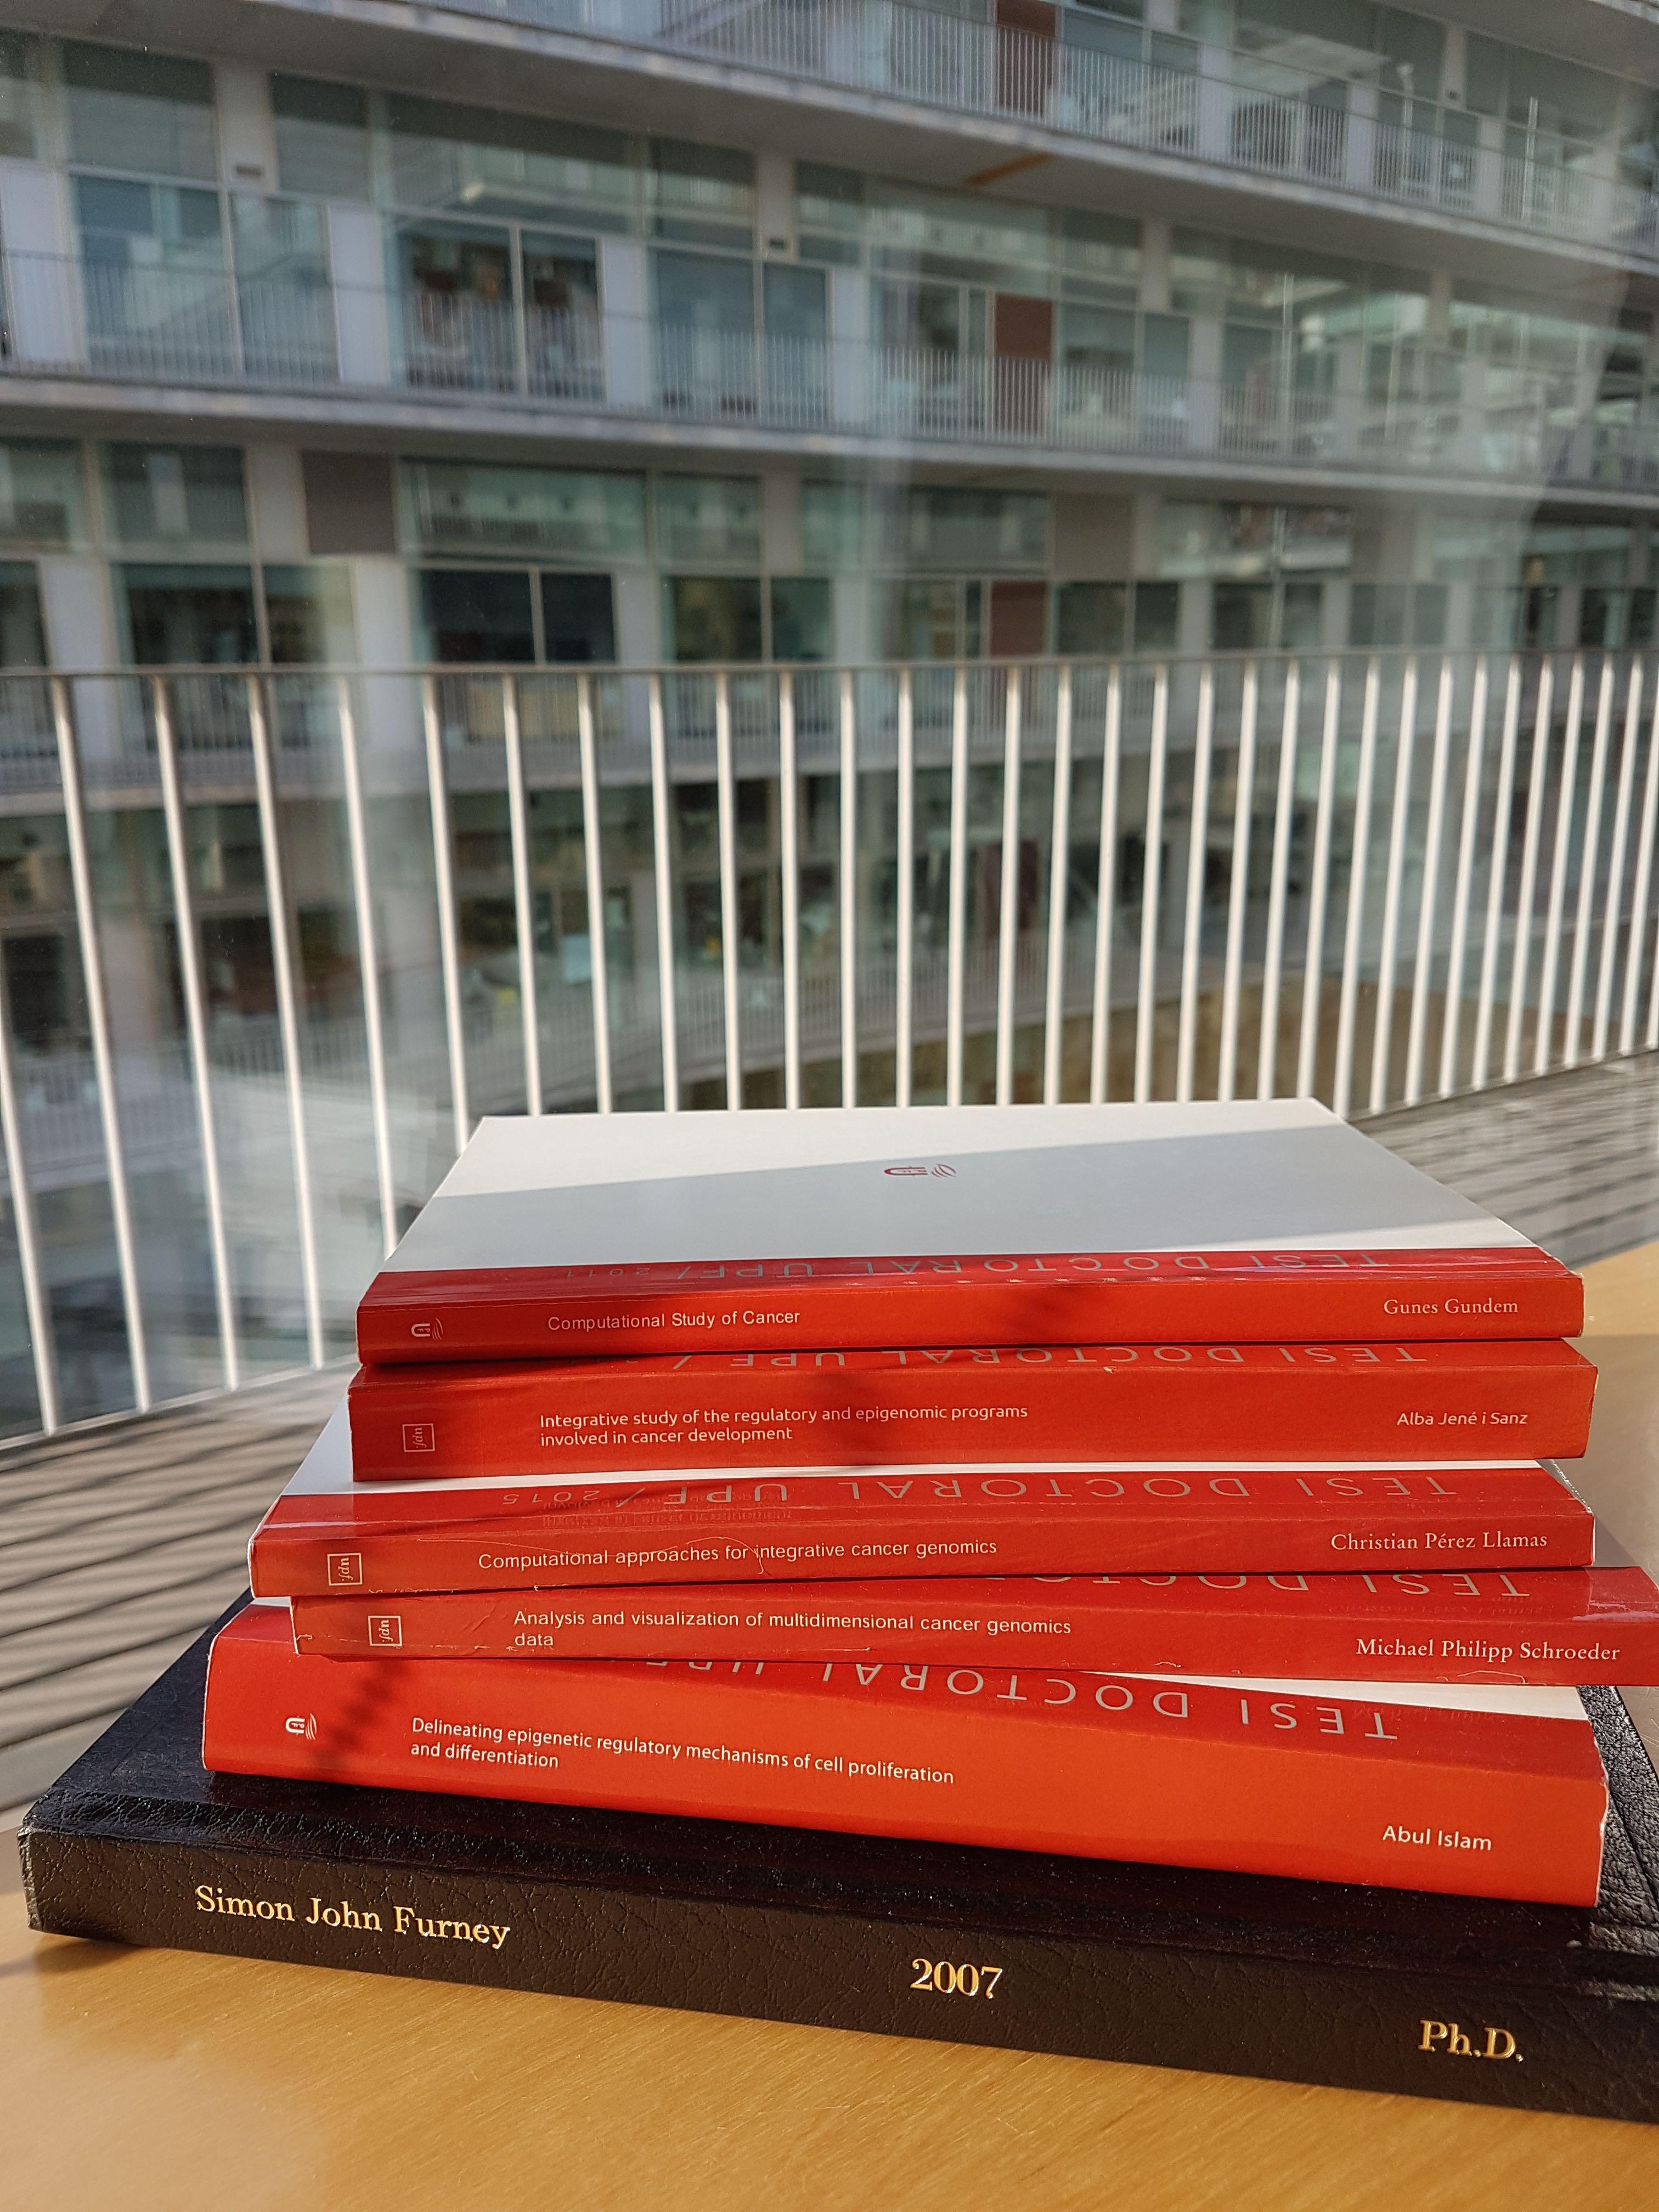 thesis_lopez-bigas_prbb